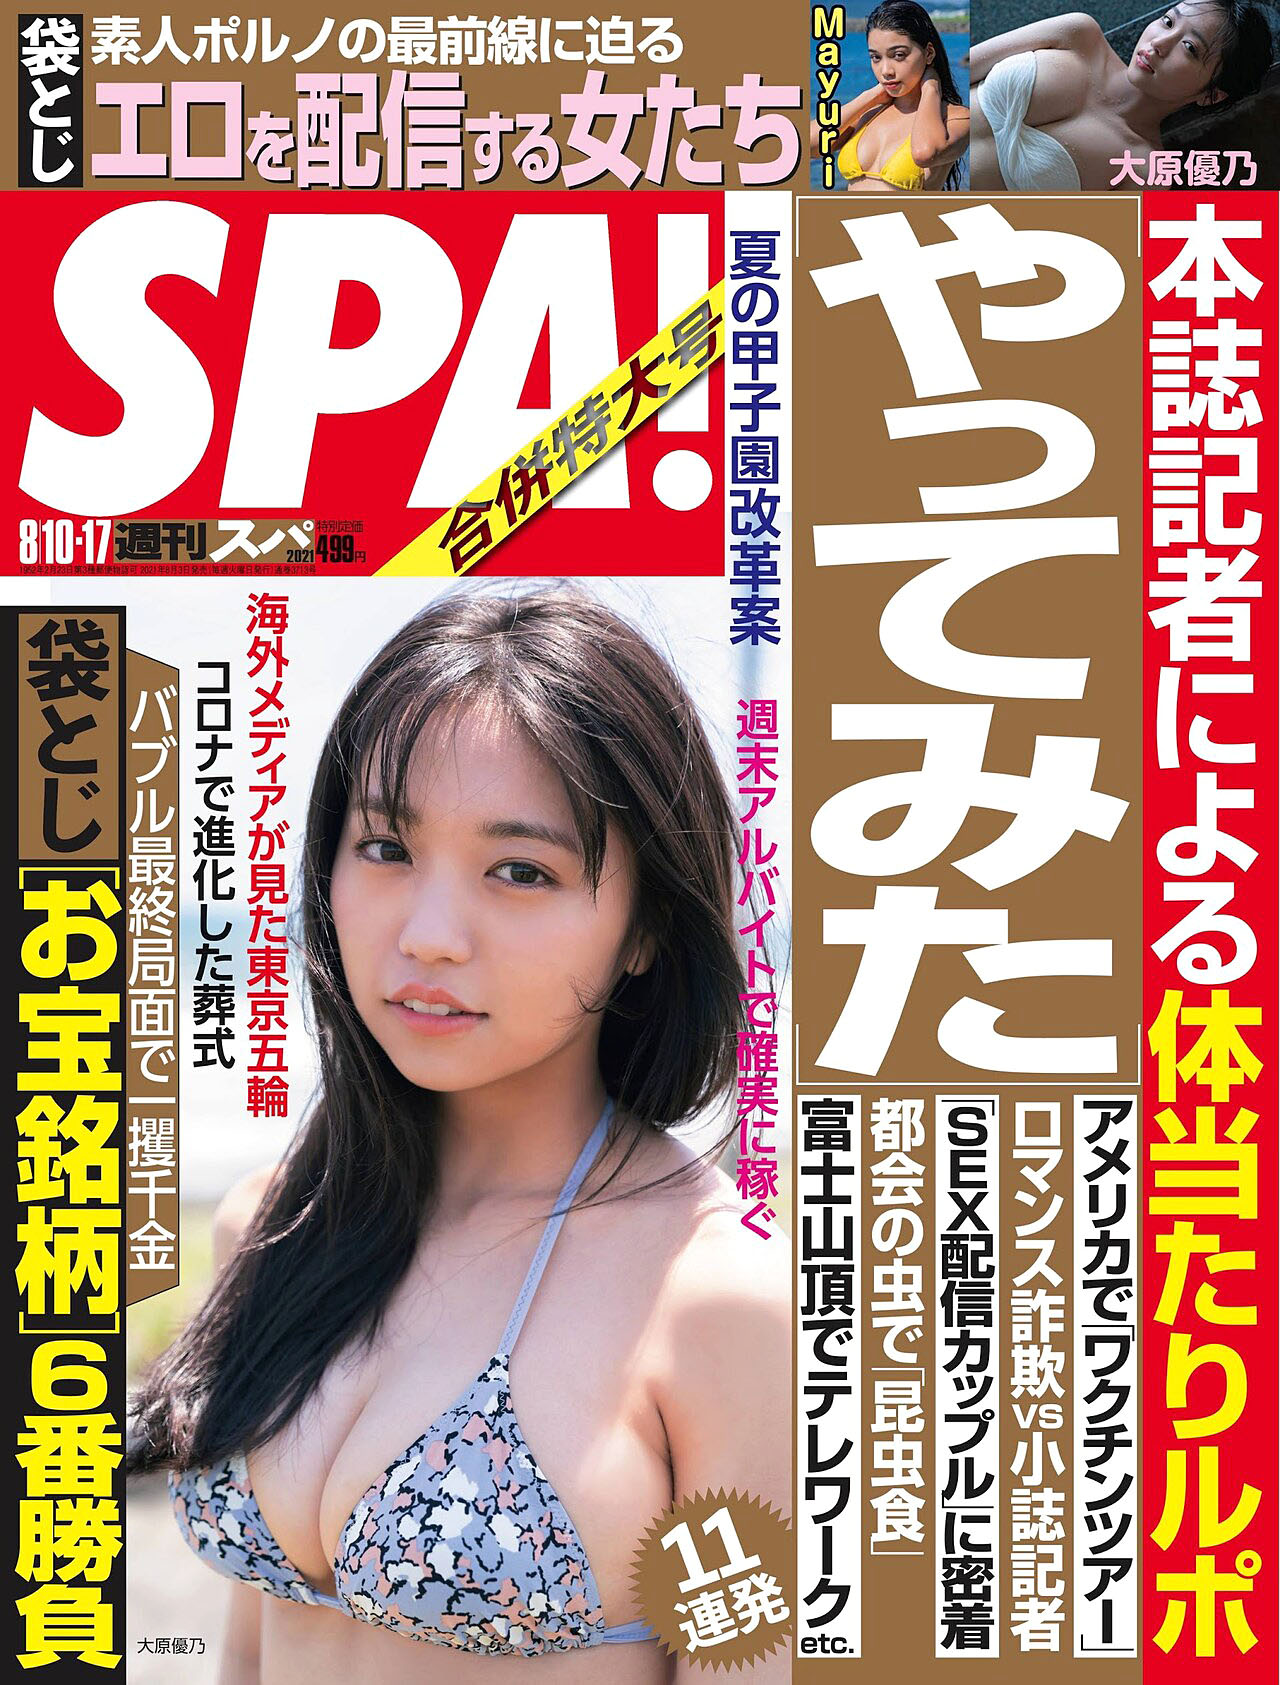 Yuno Ohara Weekly SPA 210810 01.jpg